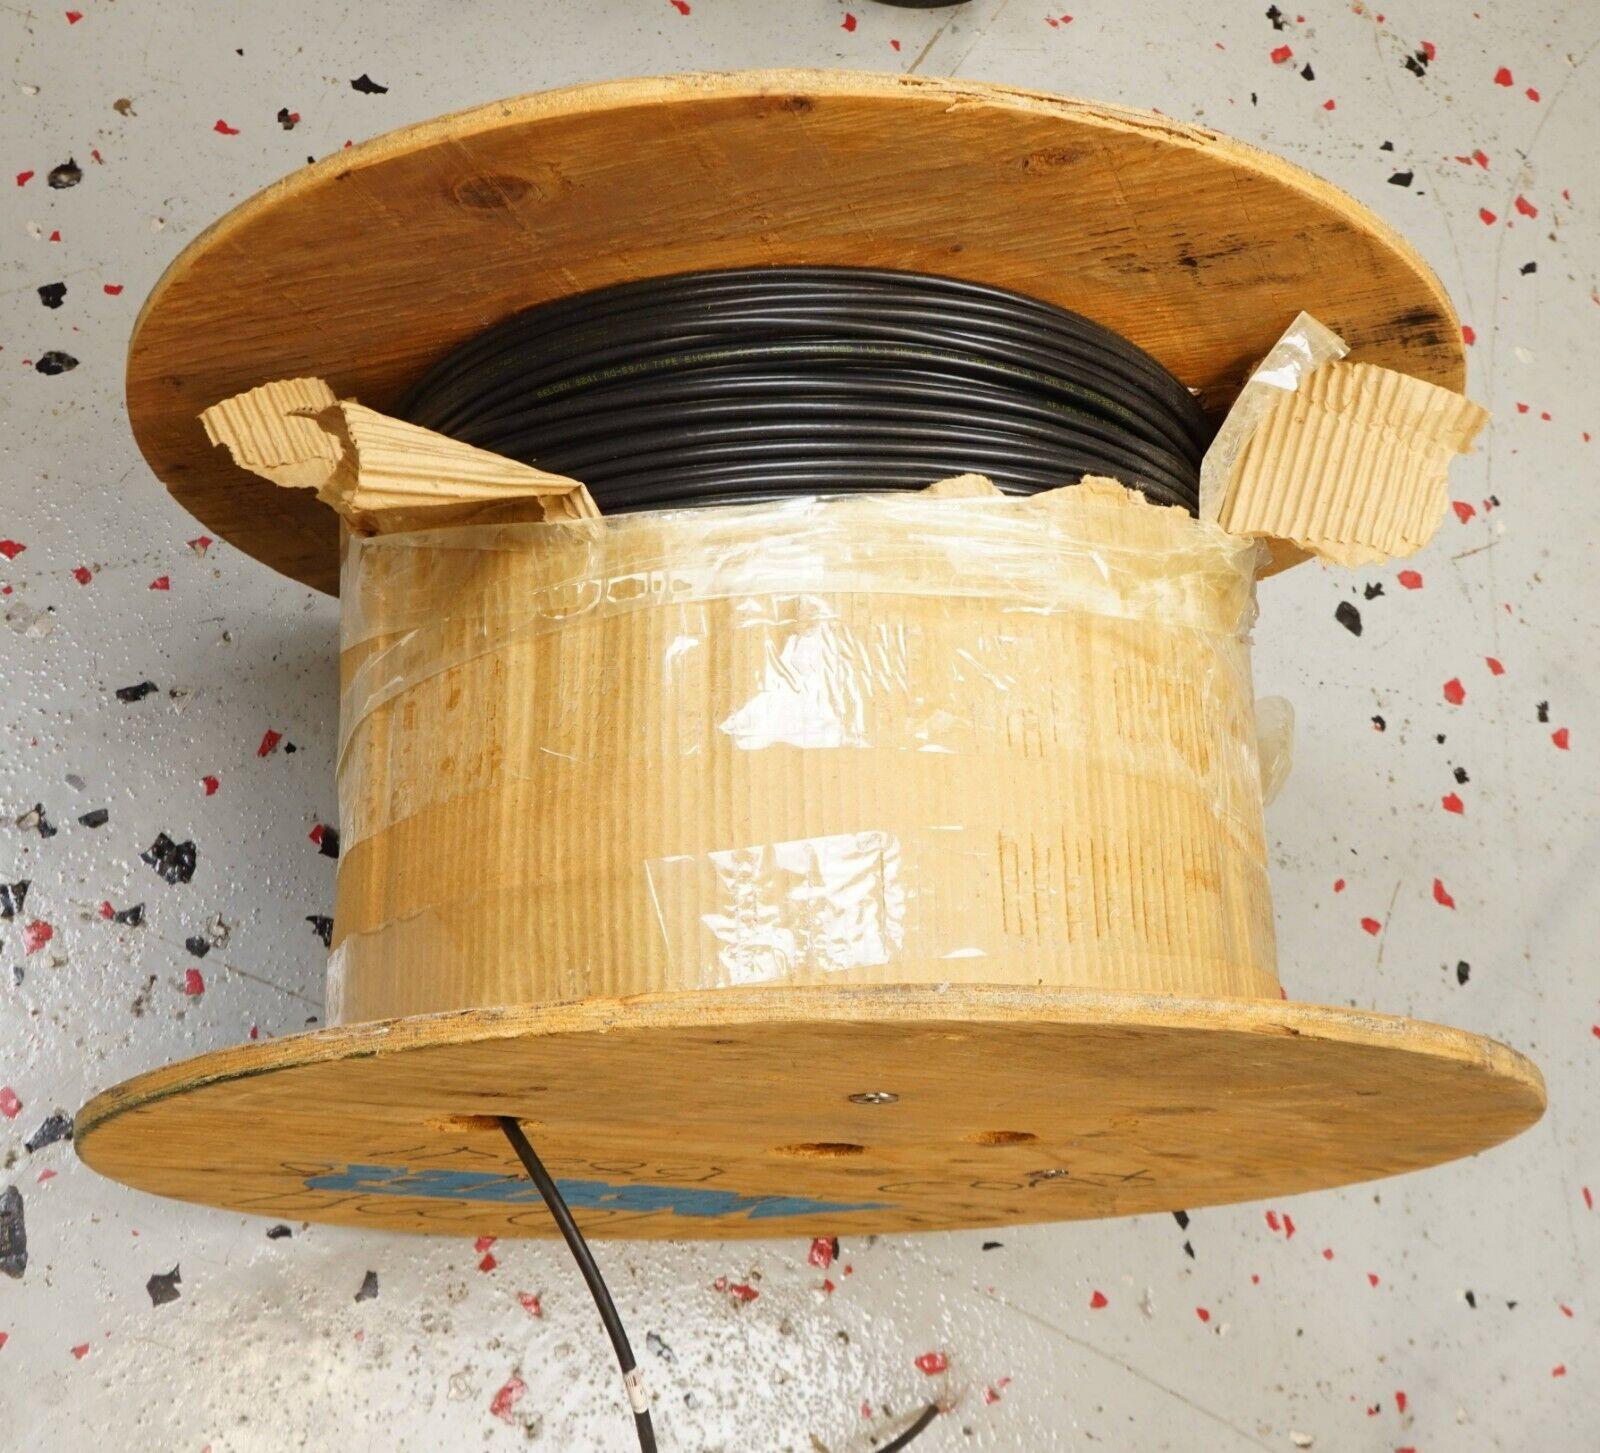 Belden B8241 Cable